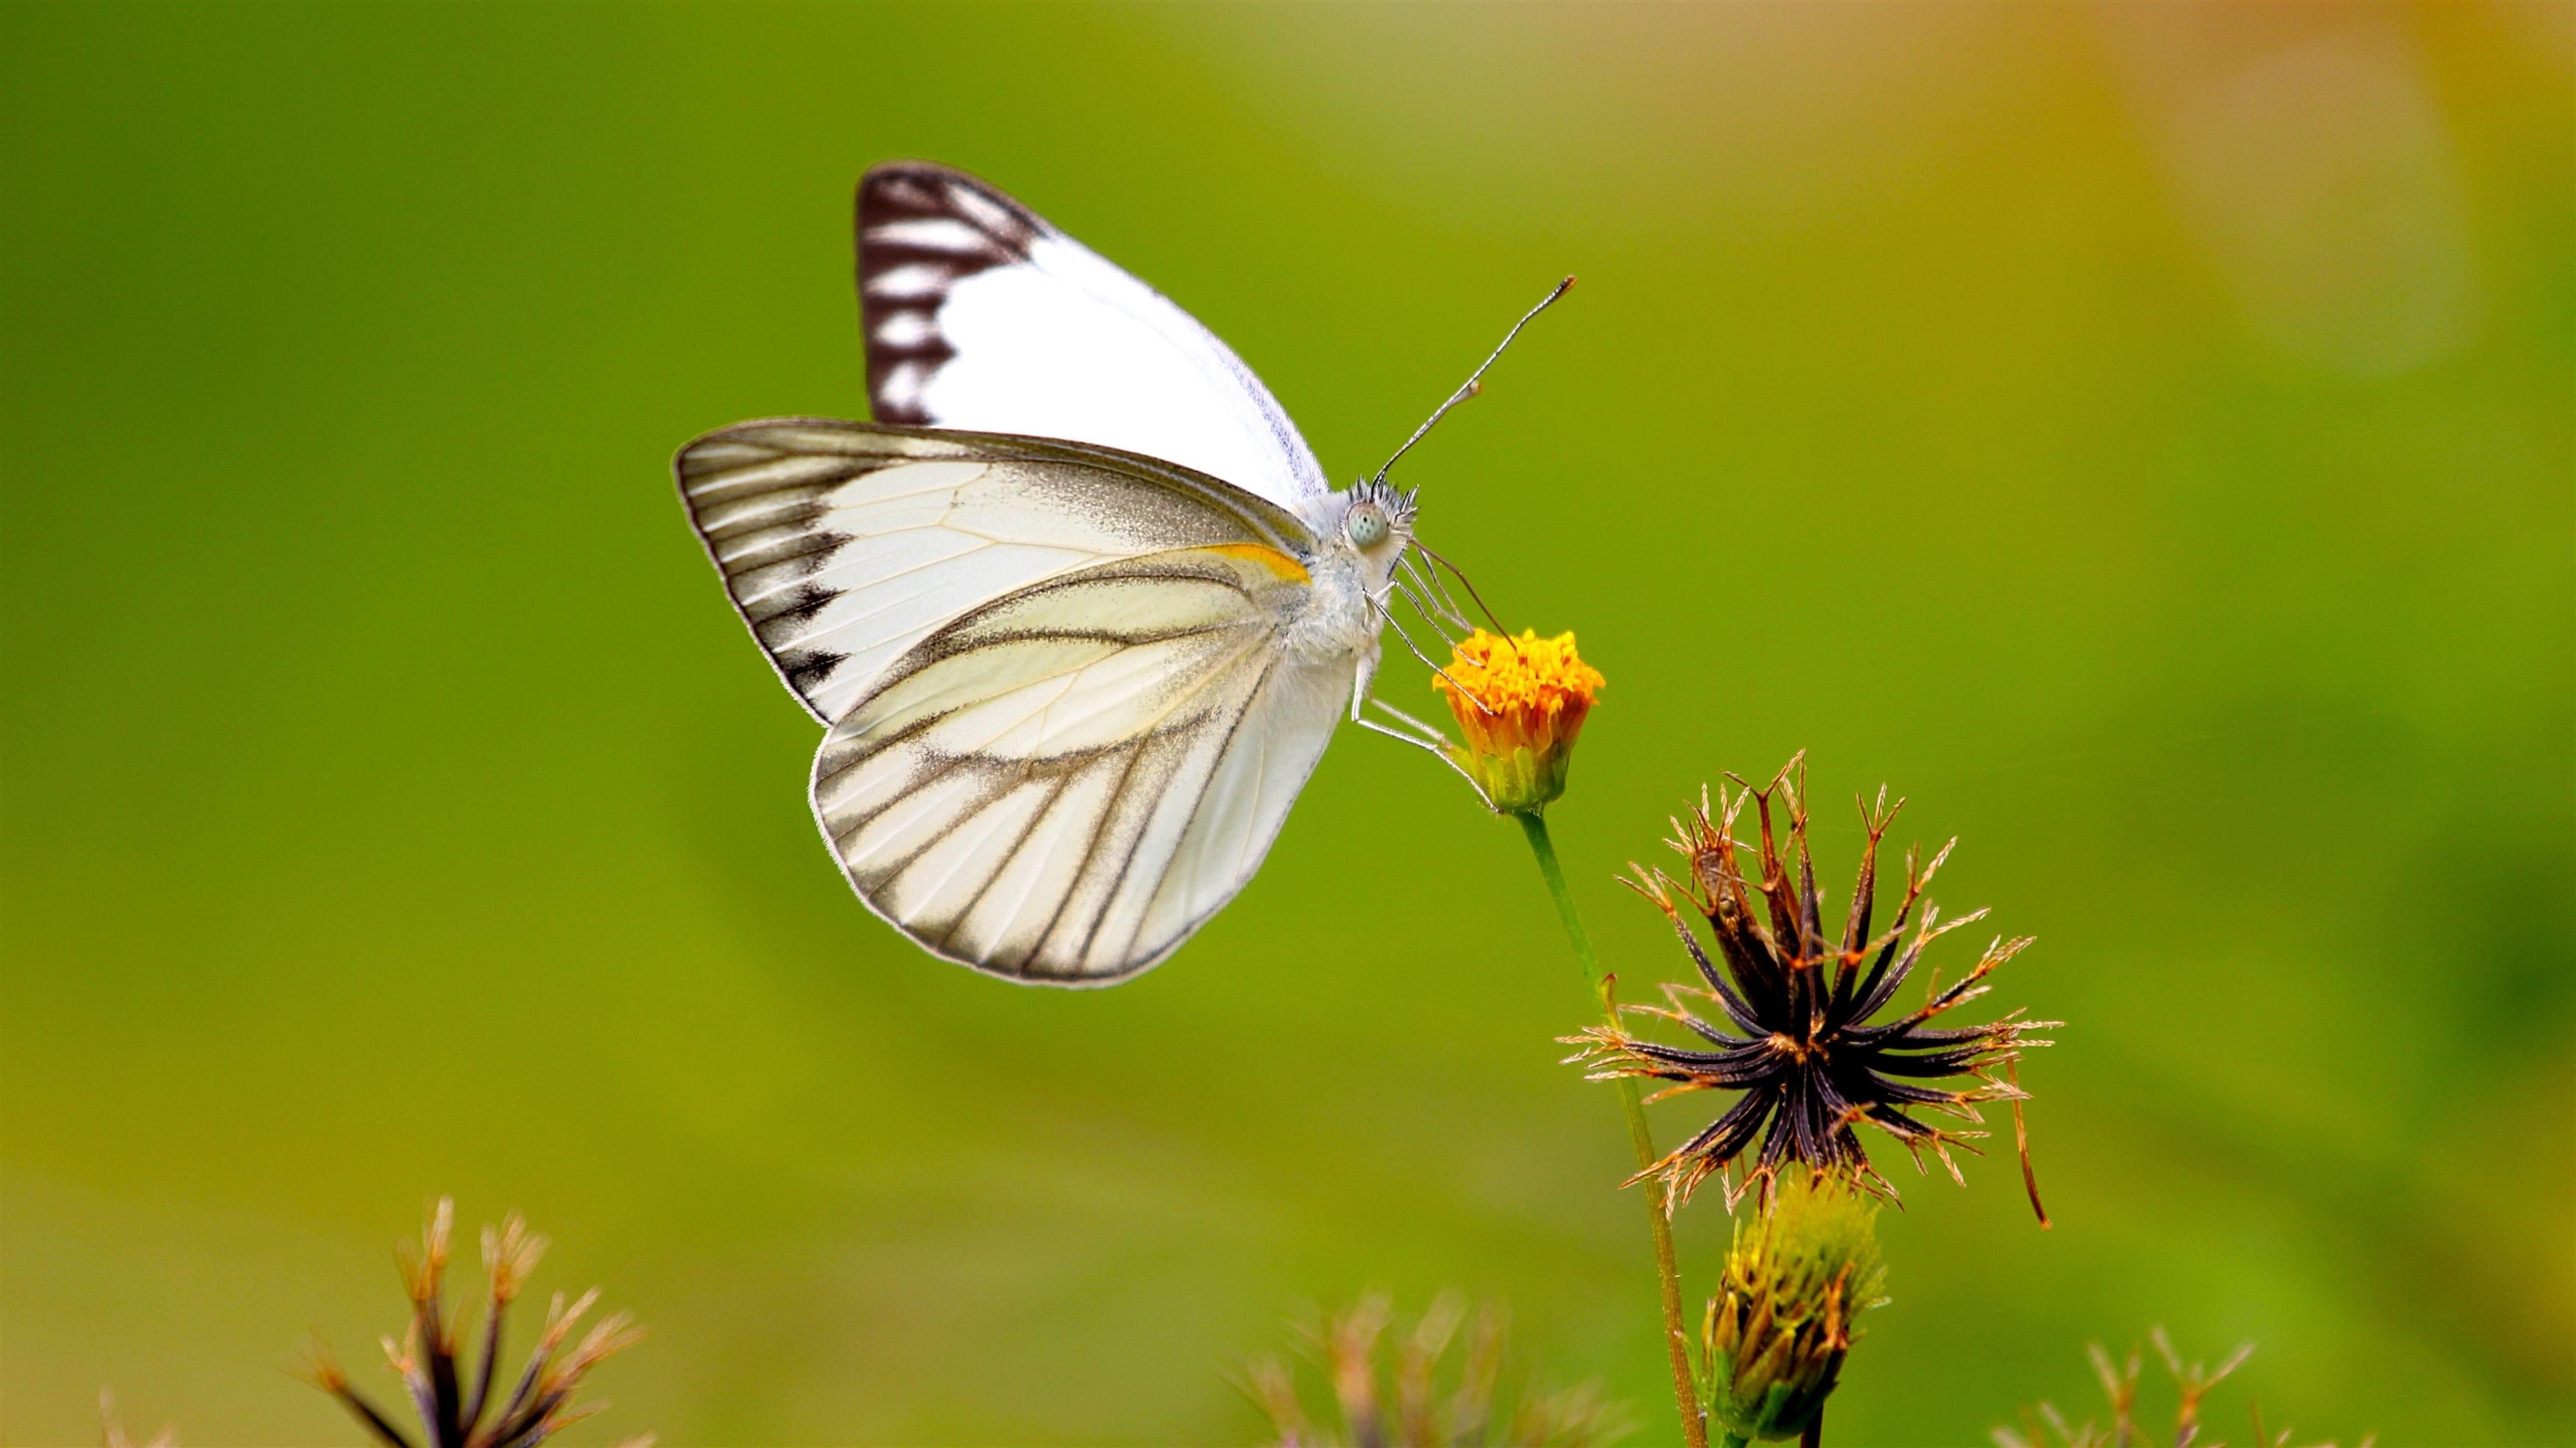 Белые черные линии бабочка на желтом бутоне цветка на зеленом фоне бабочка обои скачать